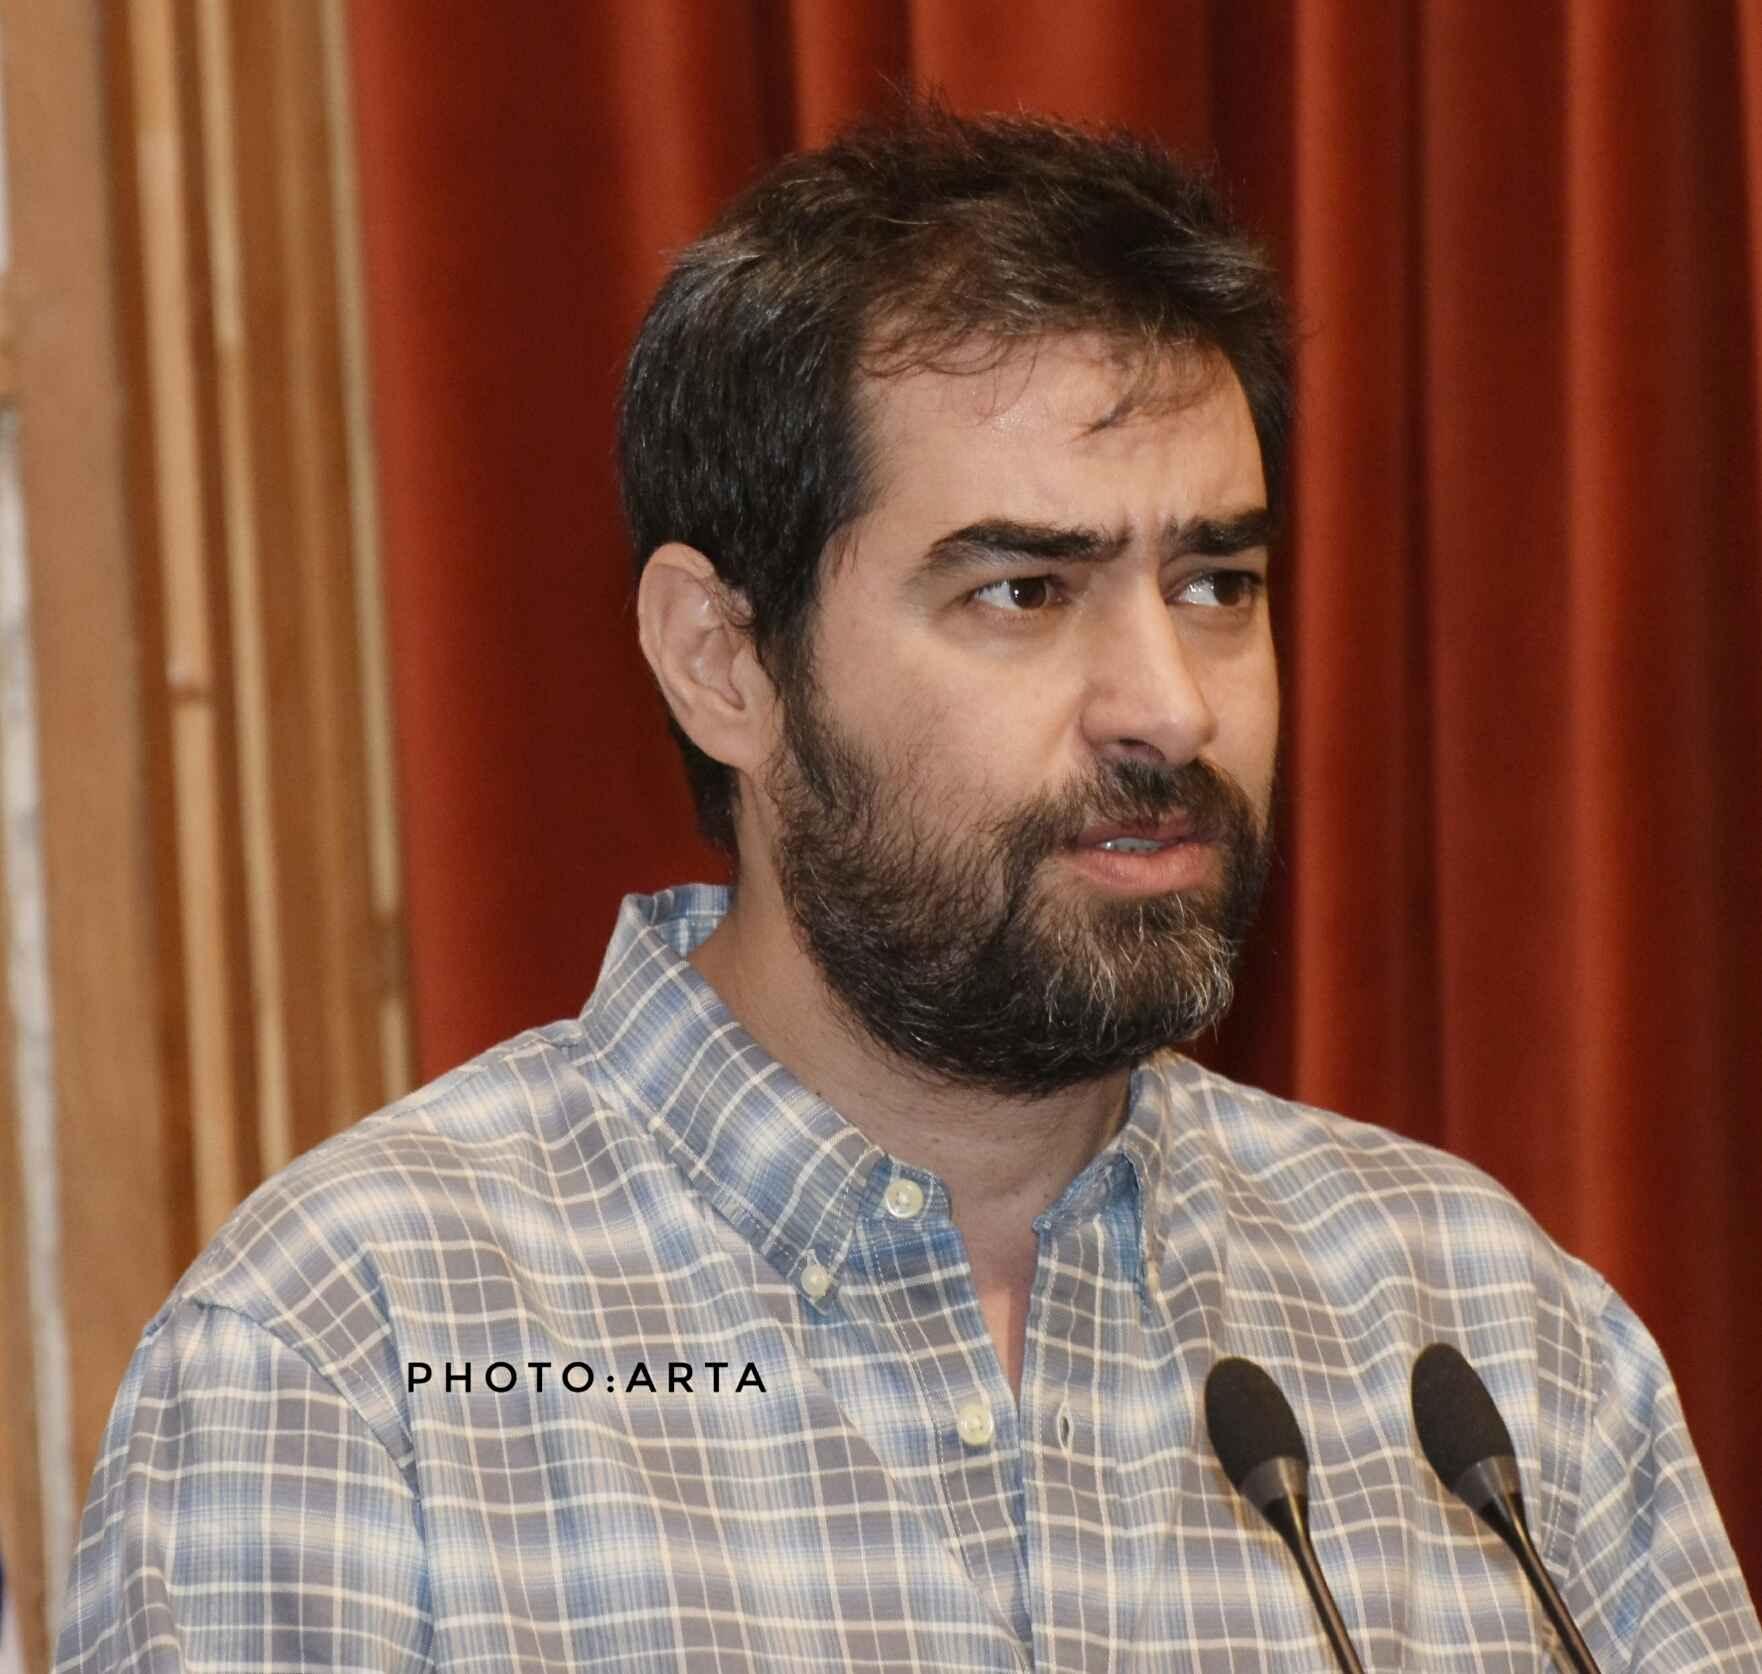 نوید محمدزاده جانشین شهاب حسینی در فیلم متری شش و نیم می شود